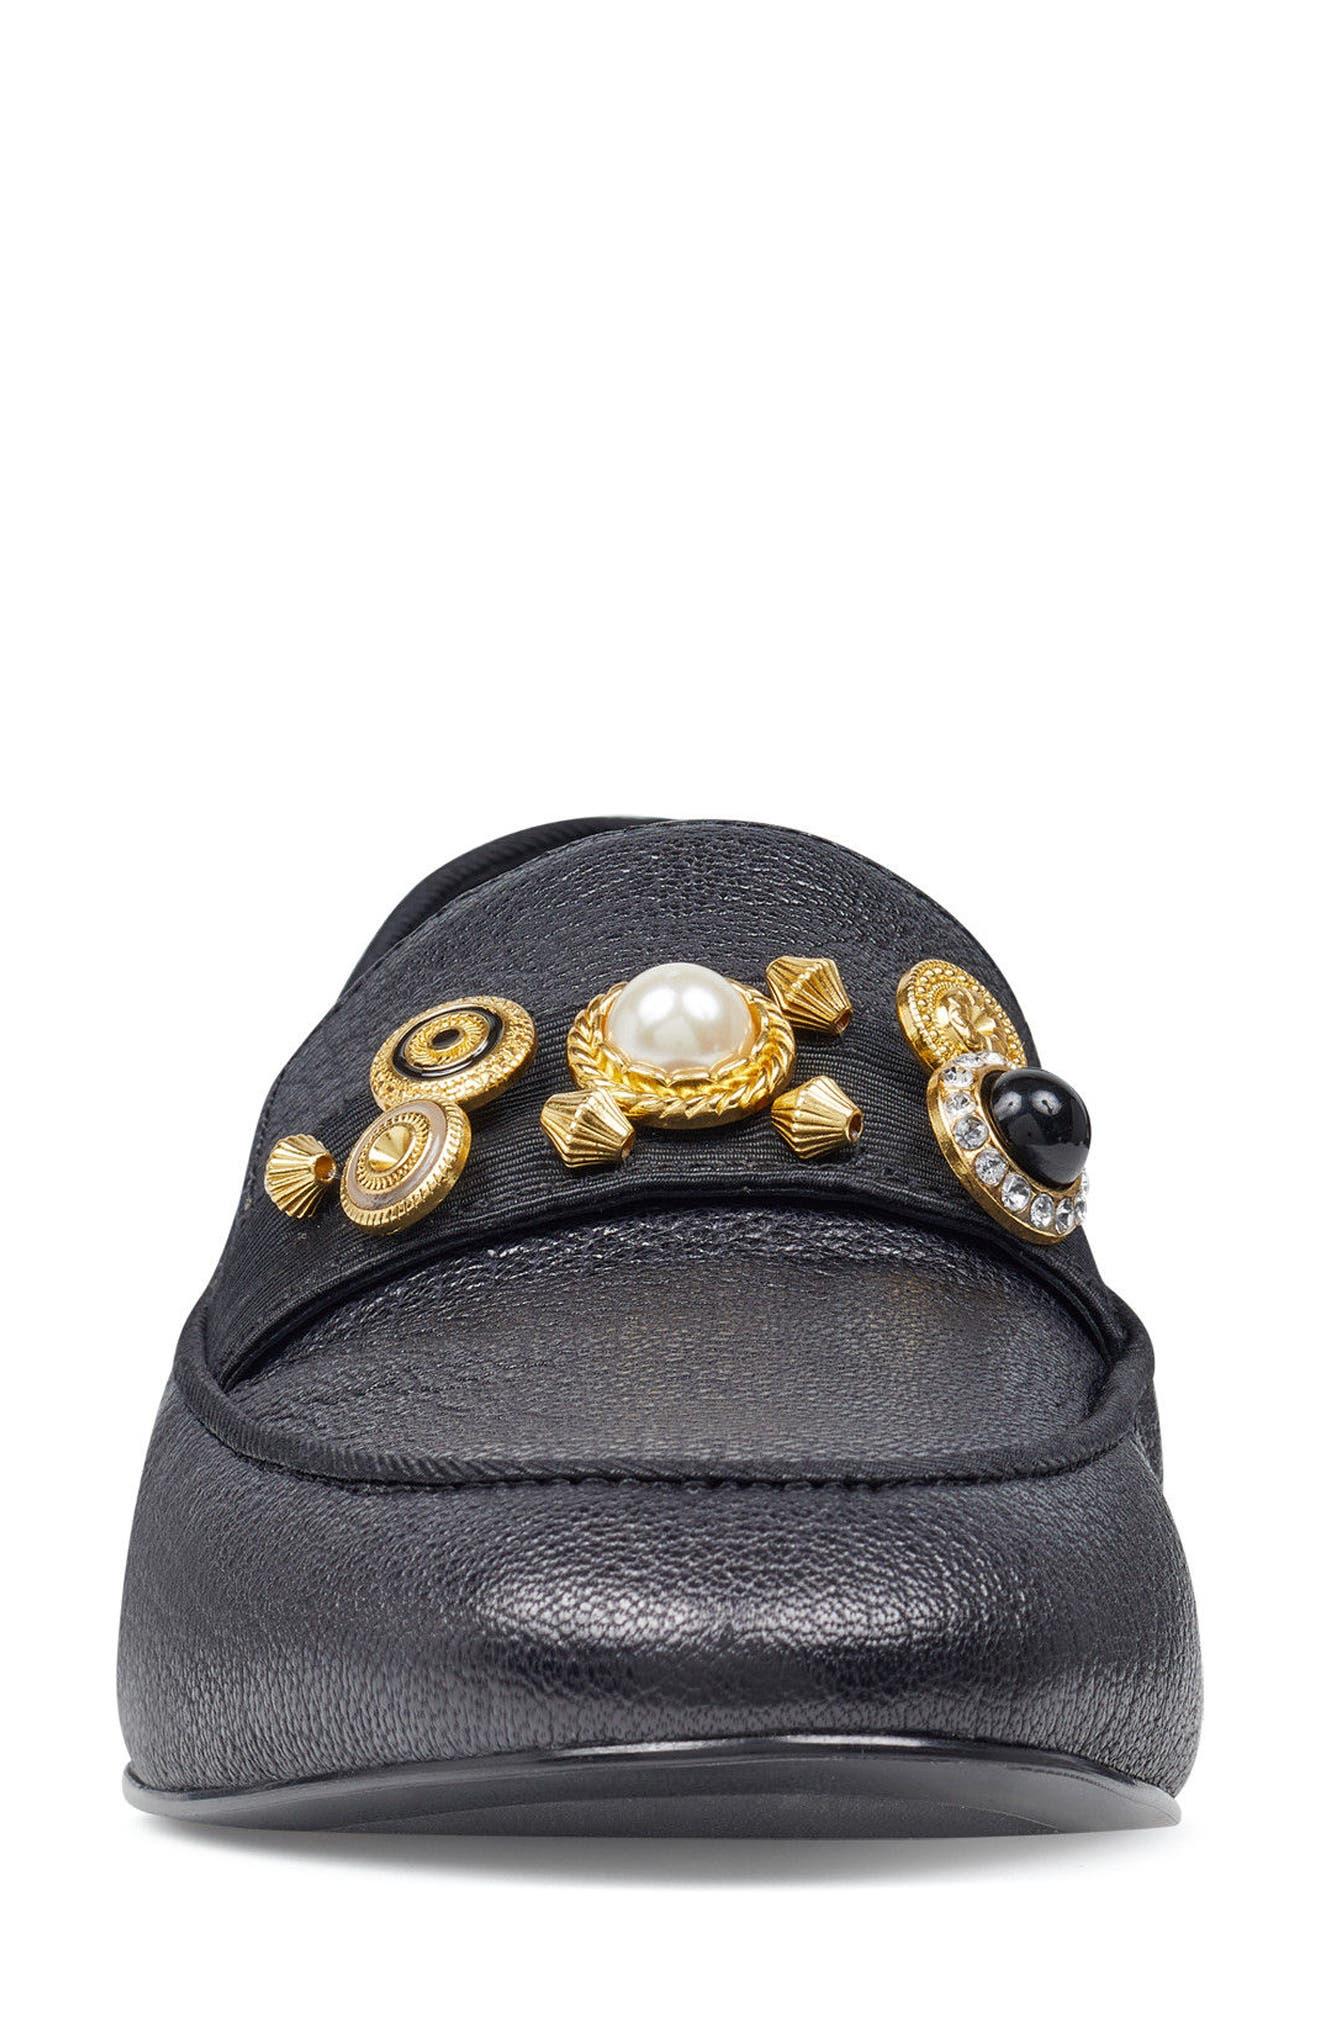 Baus Loafer Flat,                             Alternate thumbnail 4, color,                             Black/ Black Leather